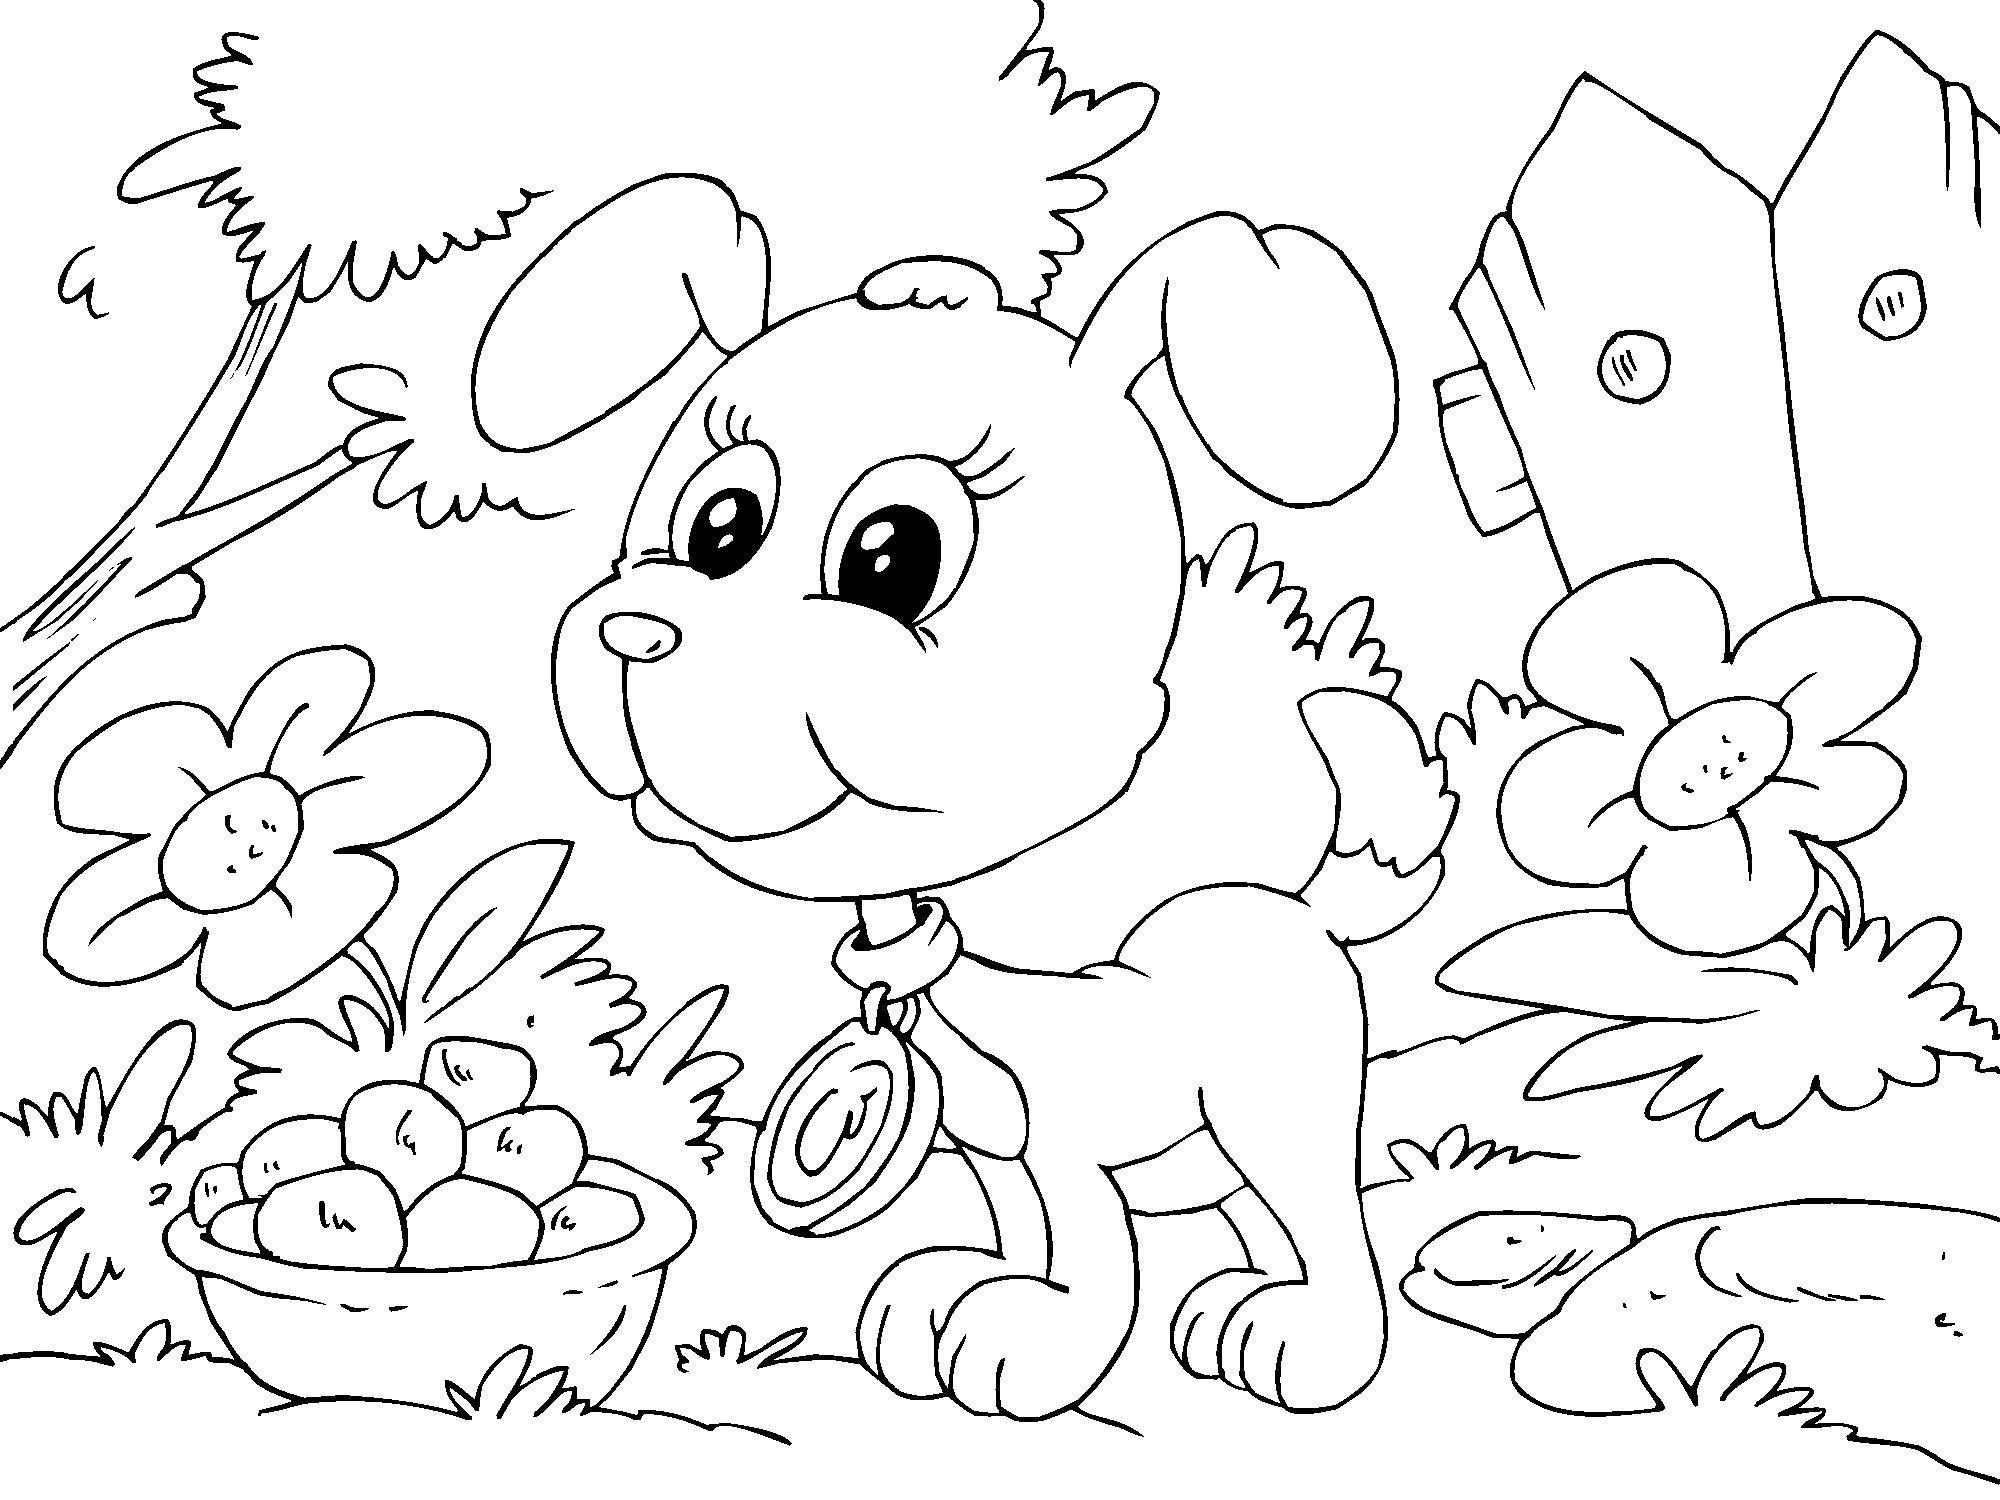 Hermosa Colorear Cachorro Ornamento - Dibujos Para Colorear En Línea ...